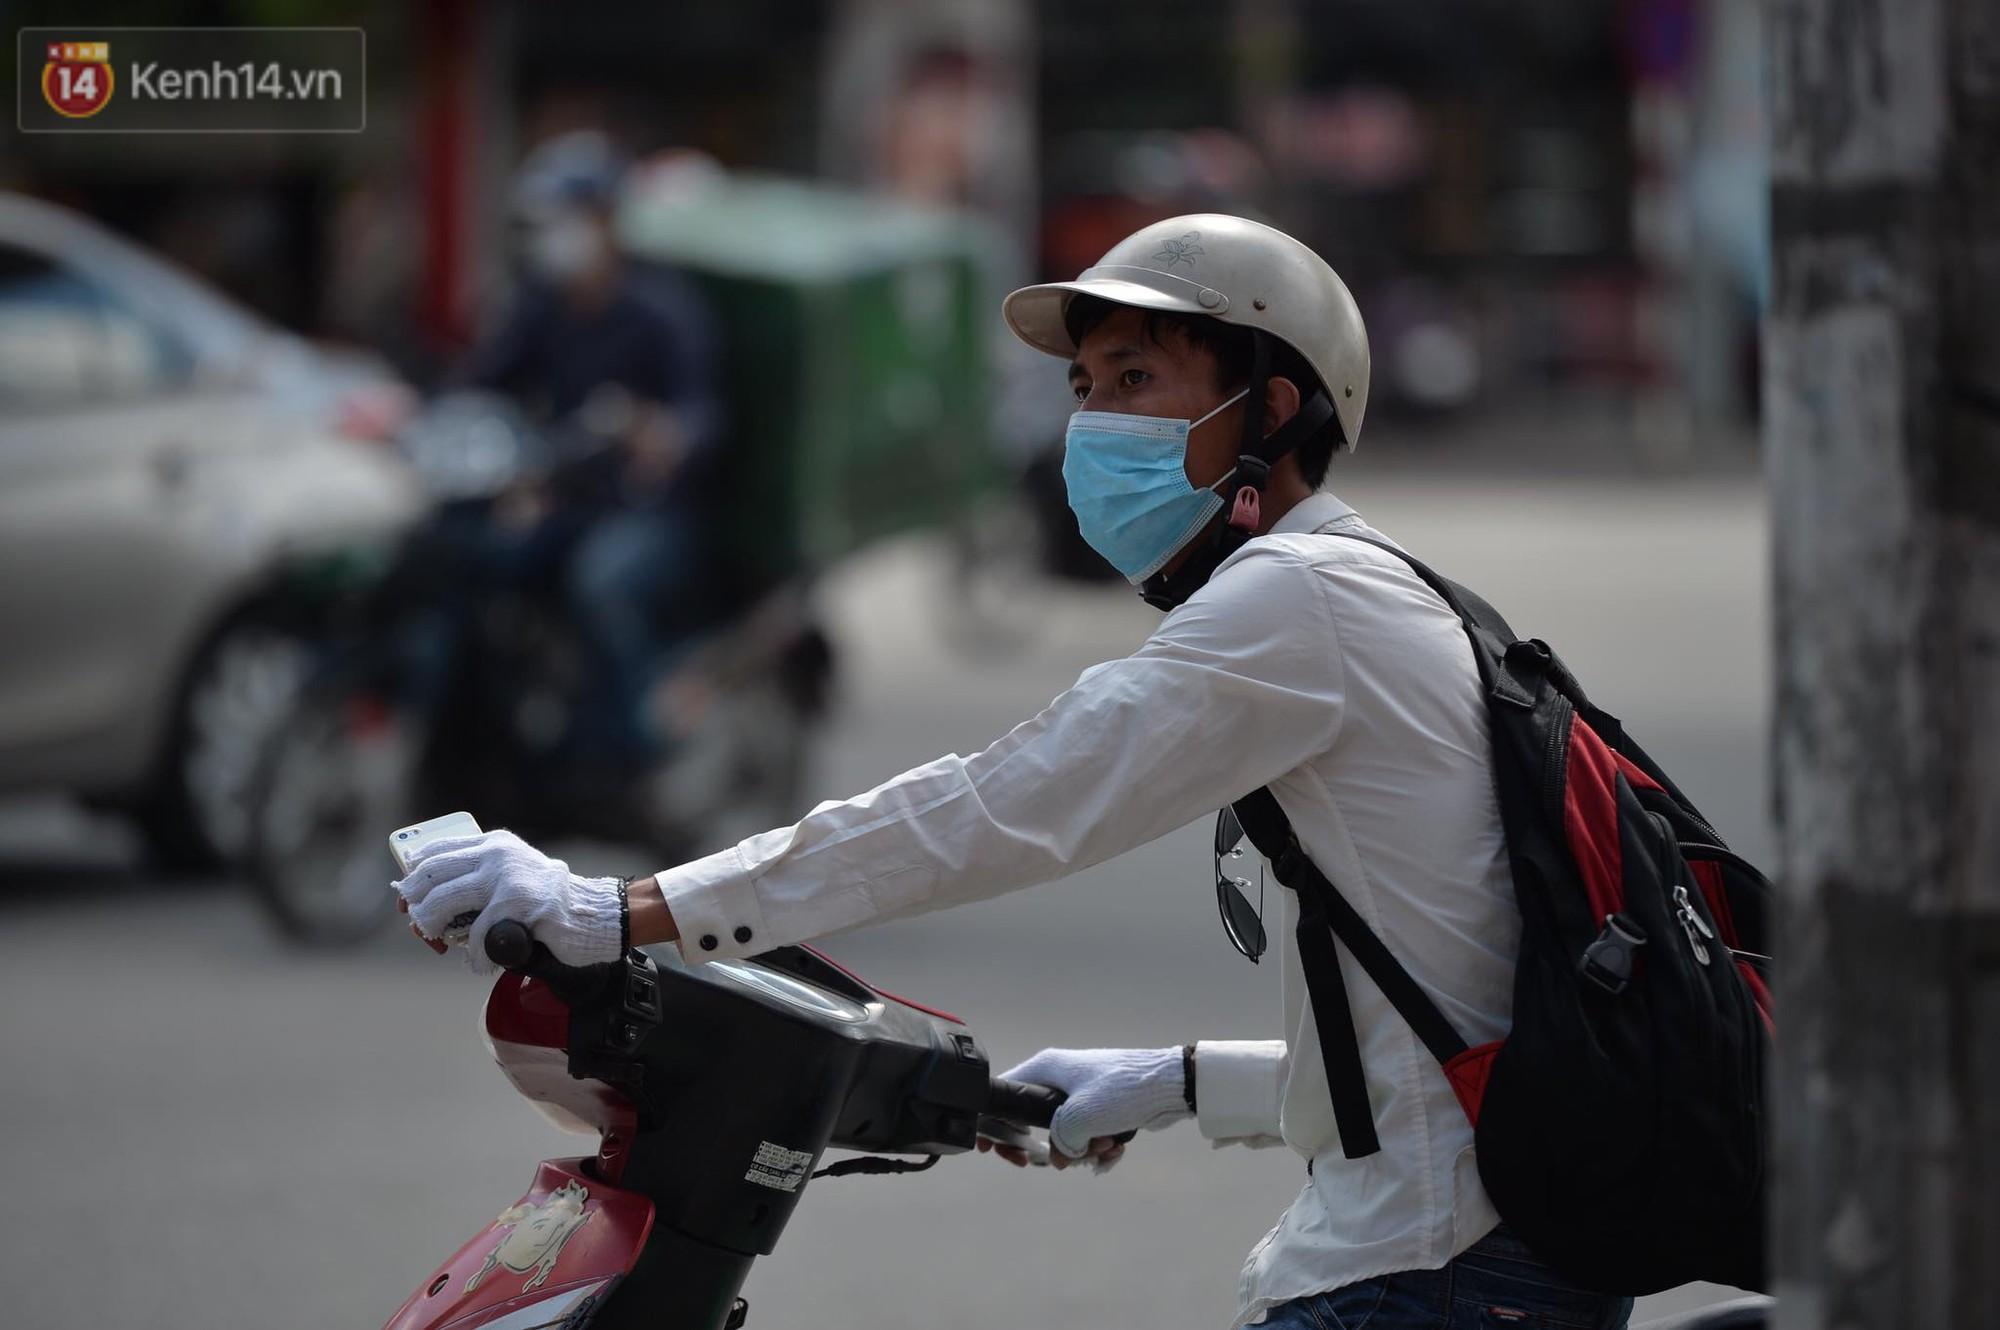 Phố đi bộ vắng tanh gần cuối giờ chiều, nhiệt độ đỉnh điểm ở Hà Nội lên tới 44 độ C - Ảnh 11.